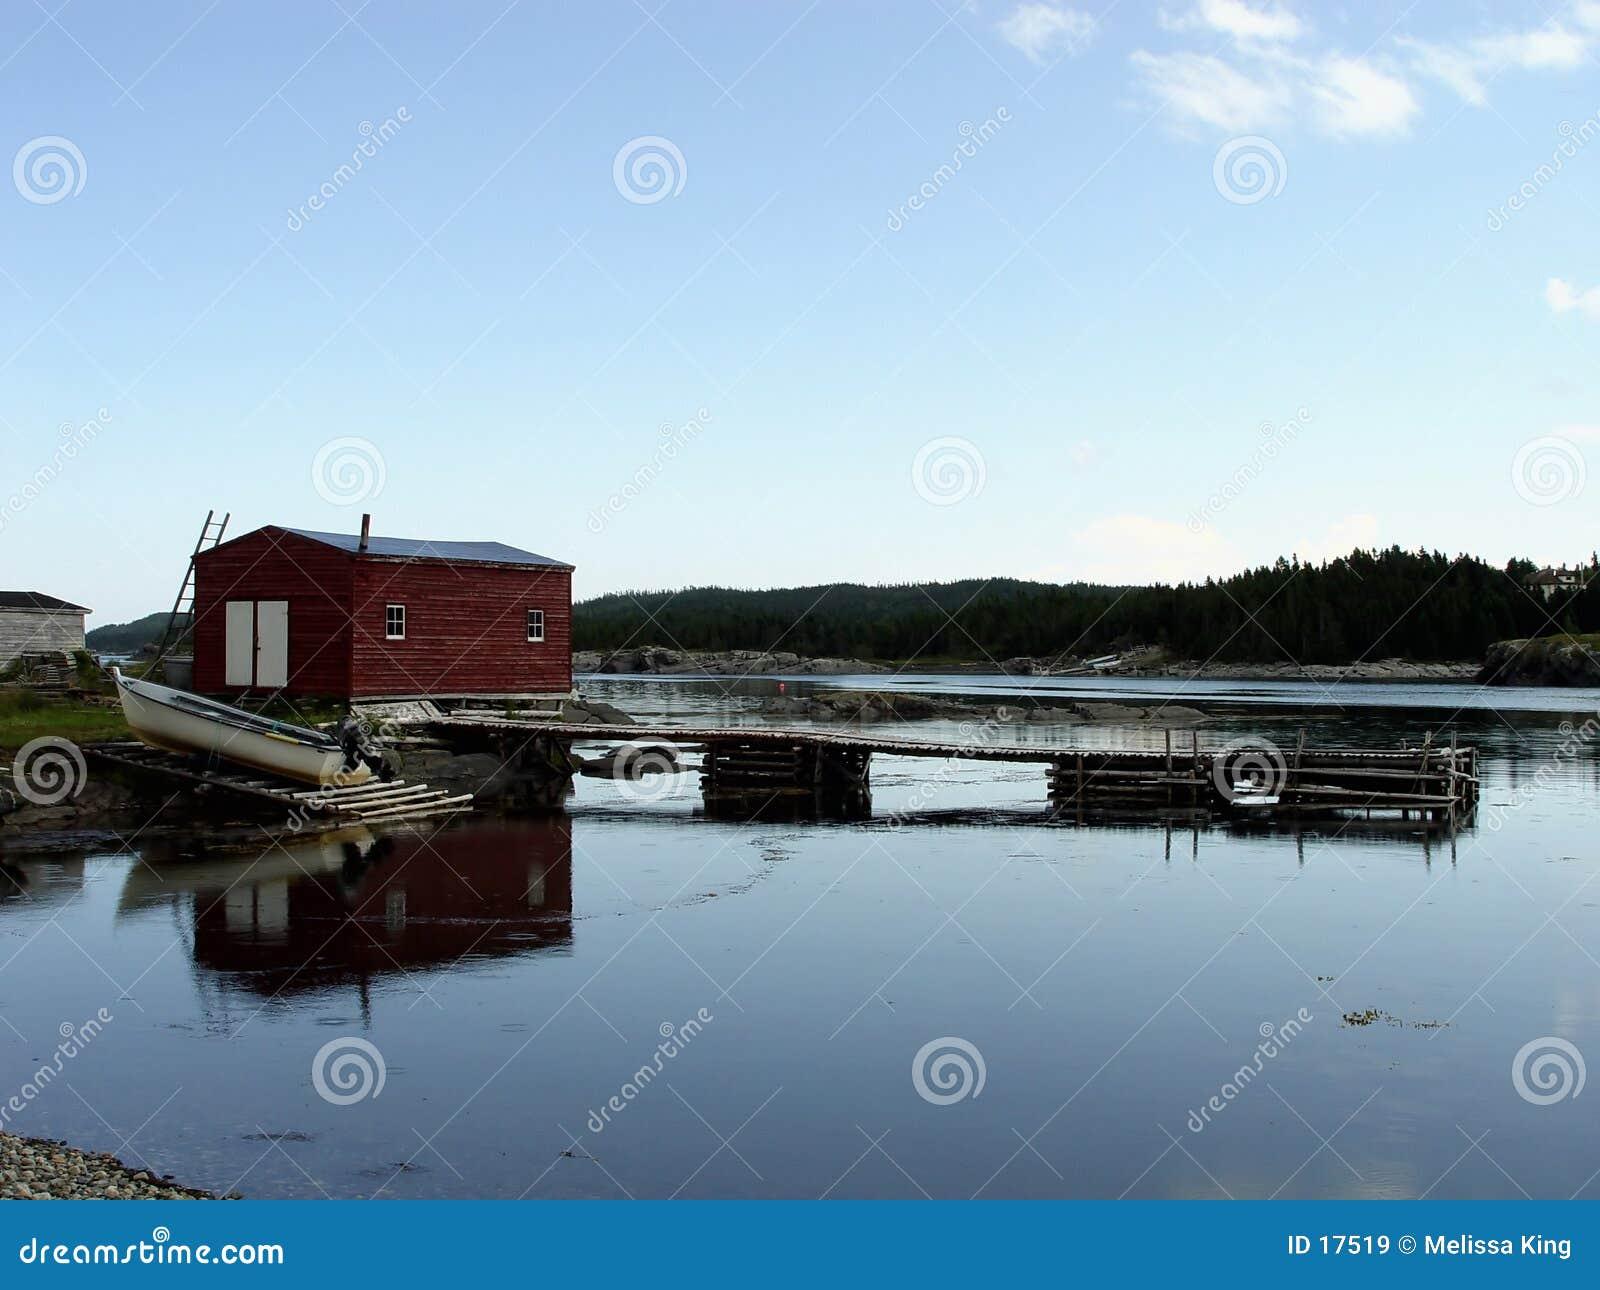 Terra Nova rural